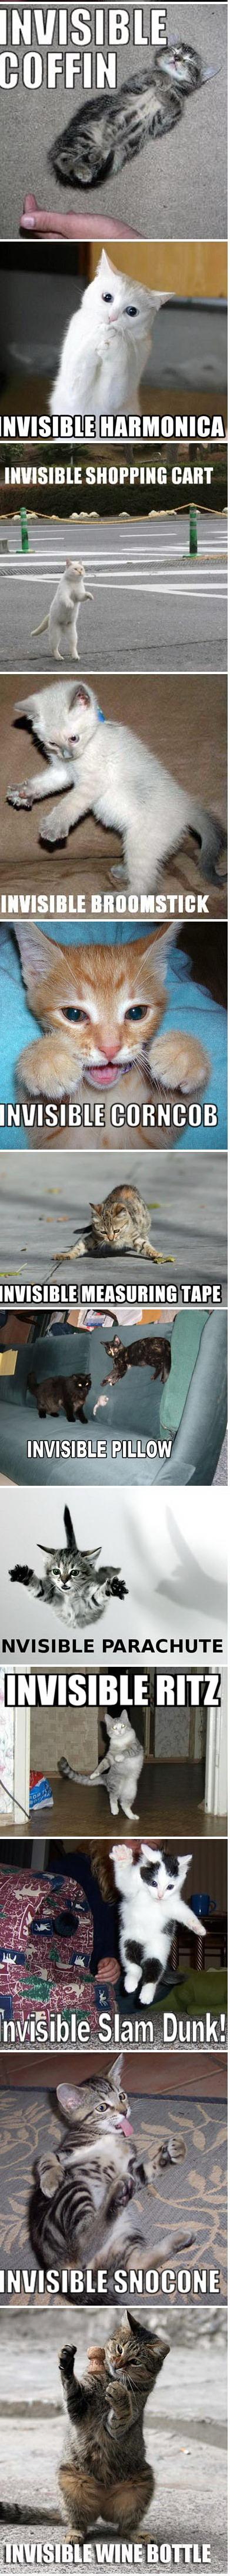 chats-invisibilite